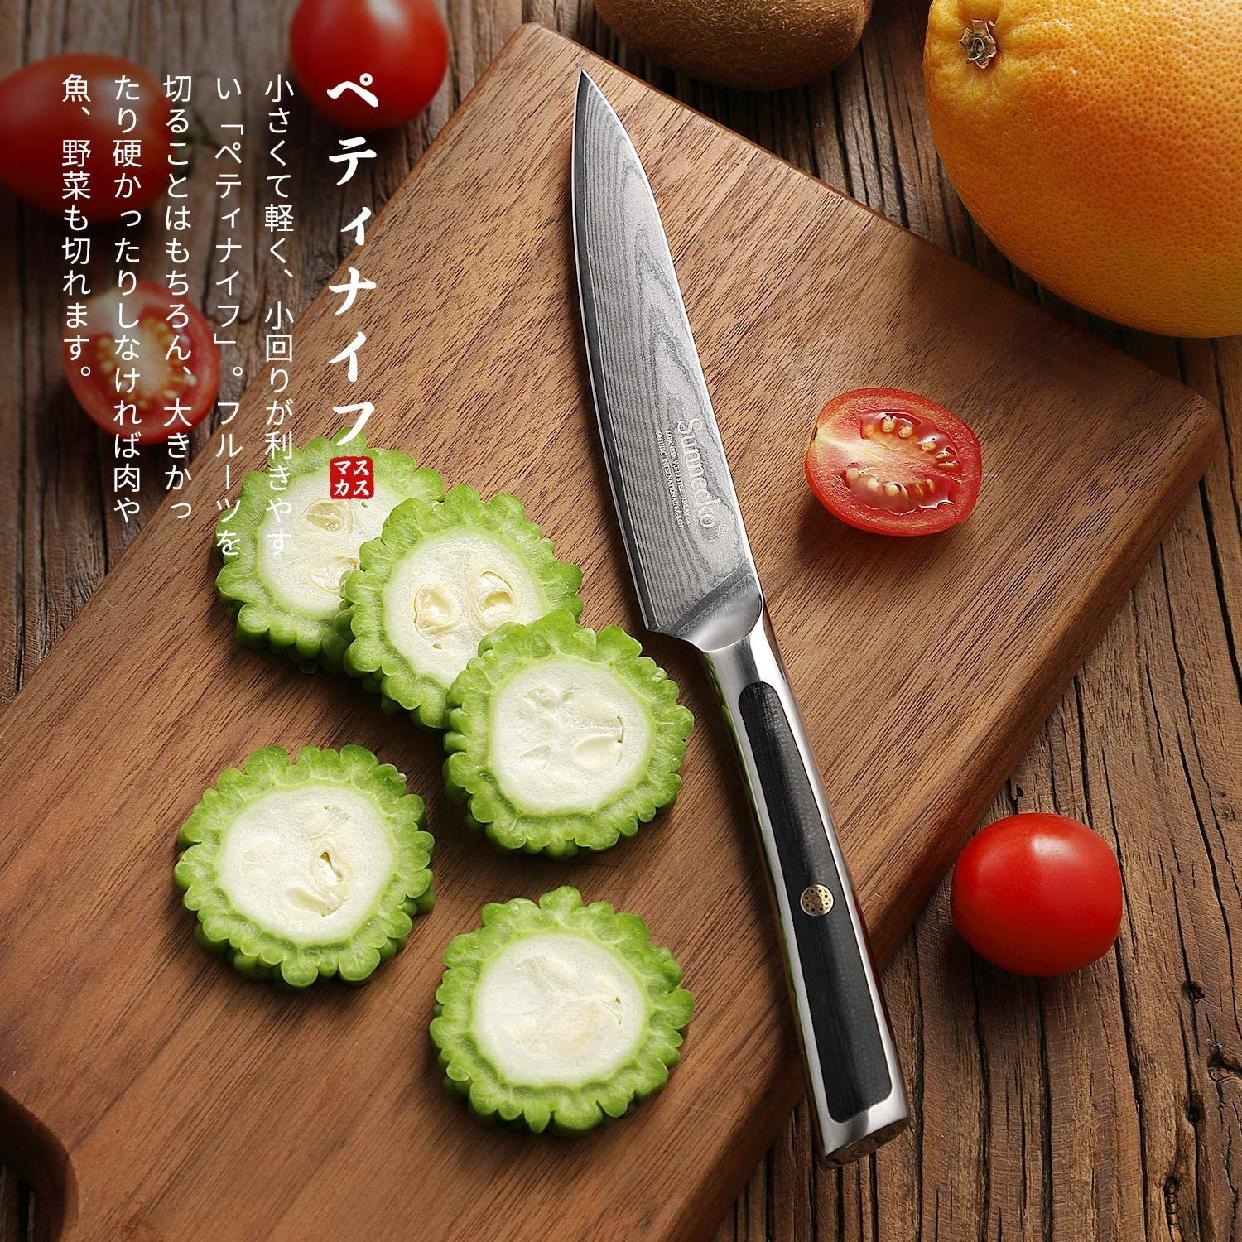 Sunnecko(サンネッコ) ペティナイフの商品画像2